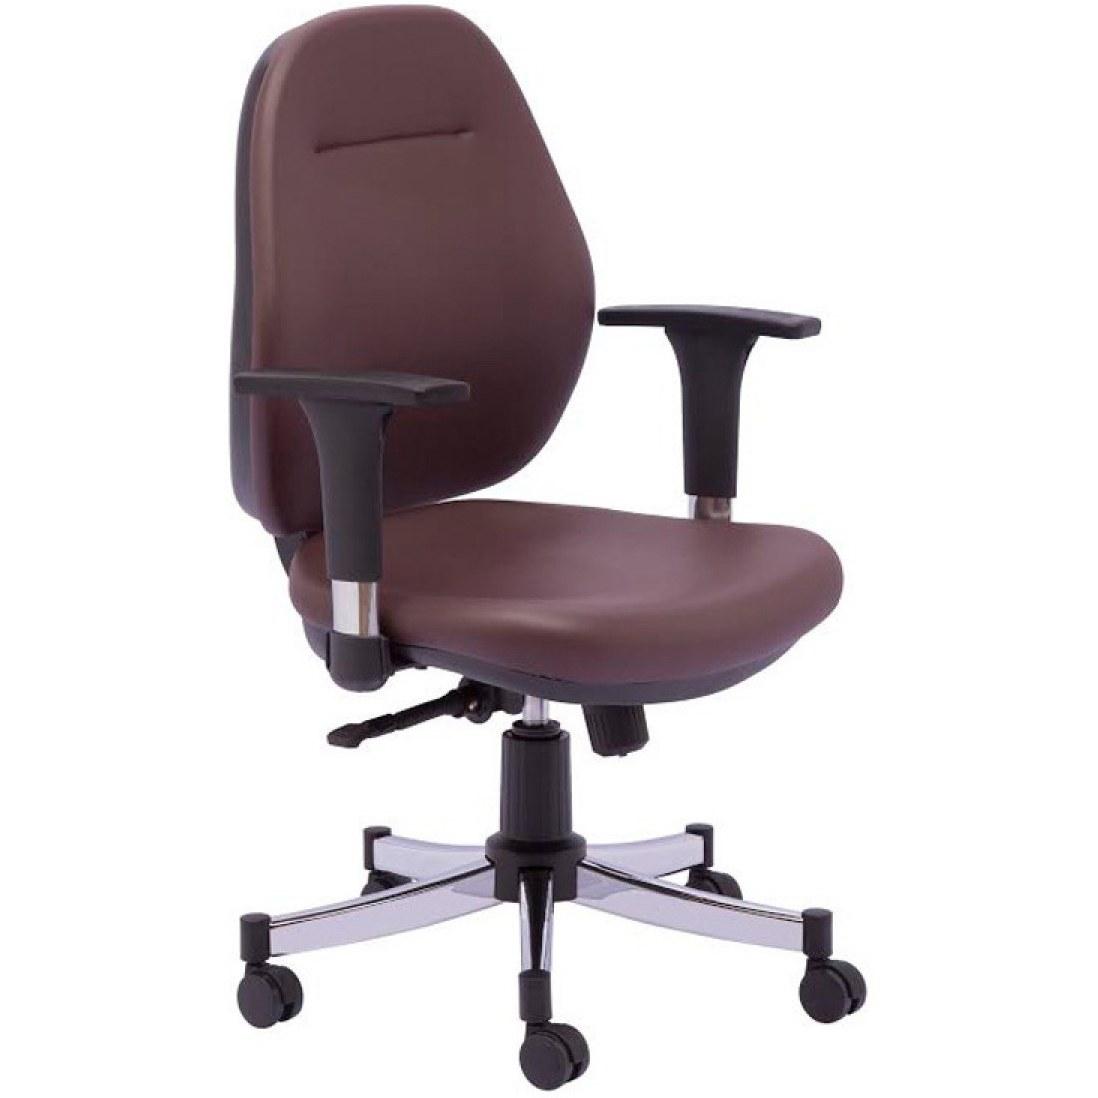 صندلی کارمندی و کارشناسی رایانه صنعت تندیس (P-722) با روکش چرم